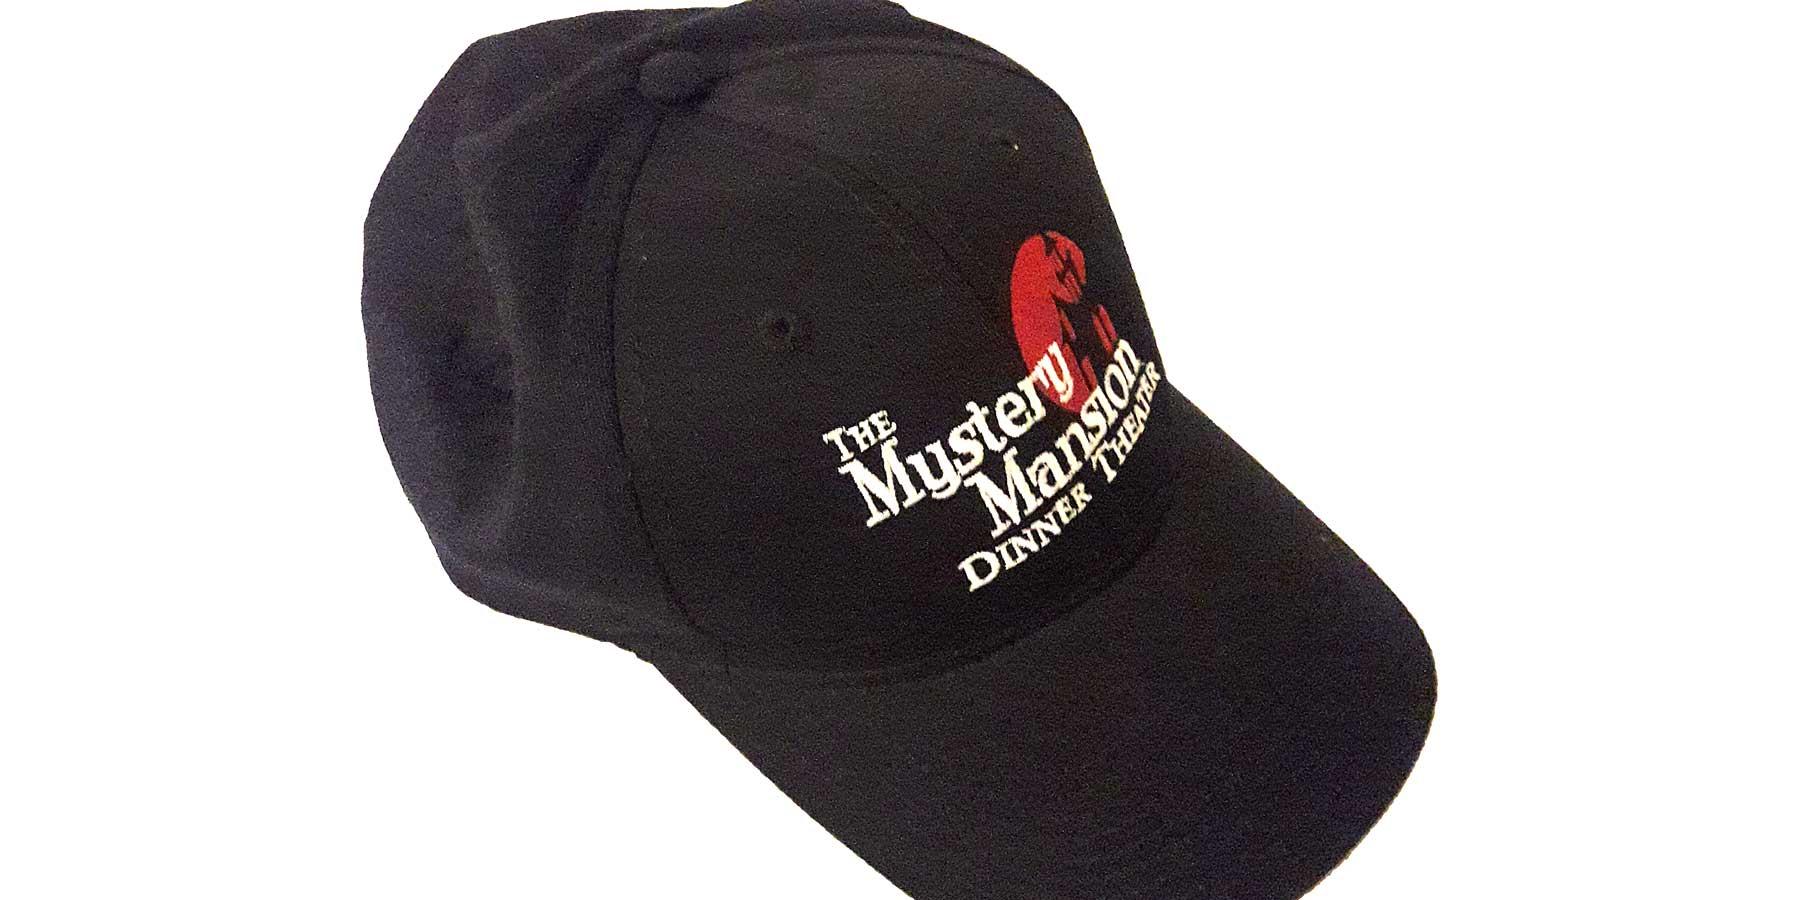 MMDT_ballcap1_clean